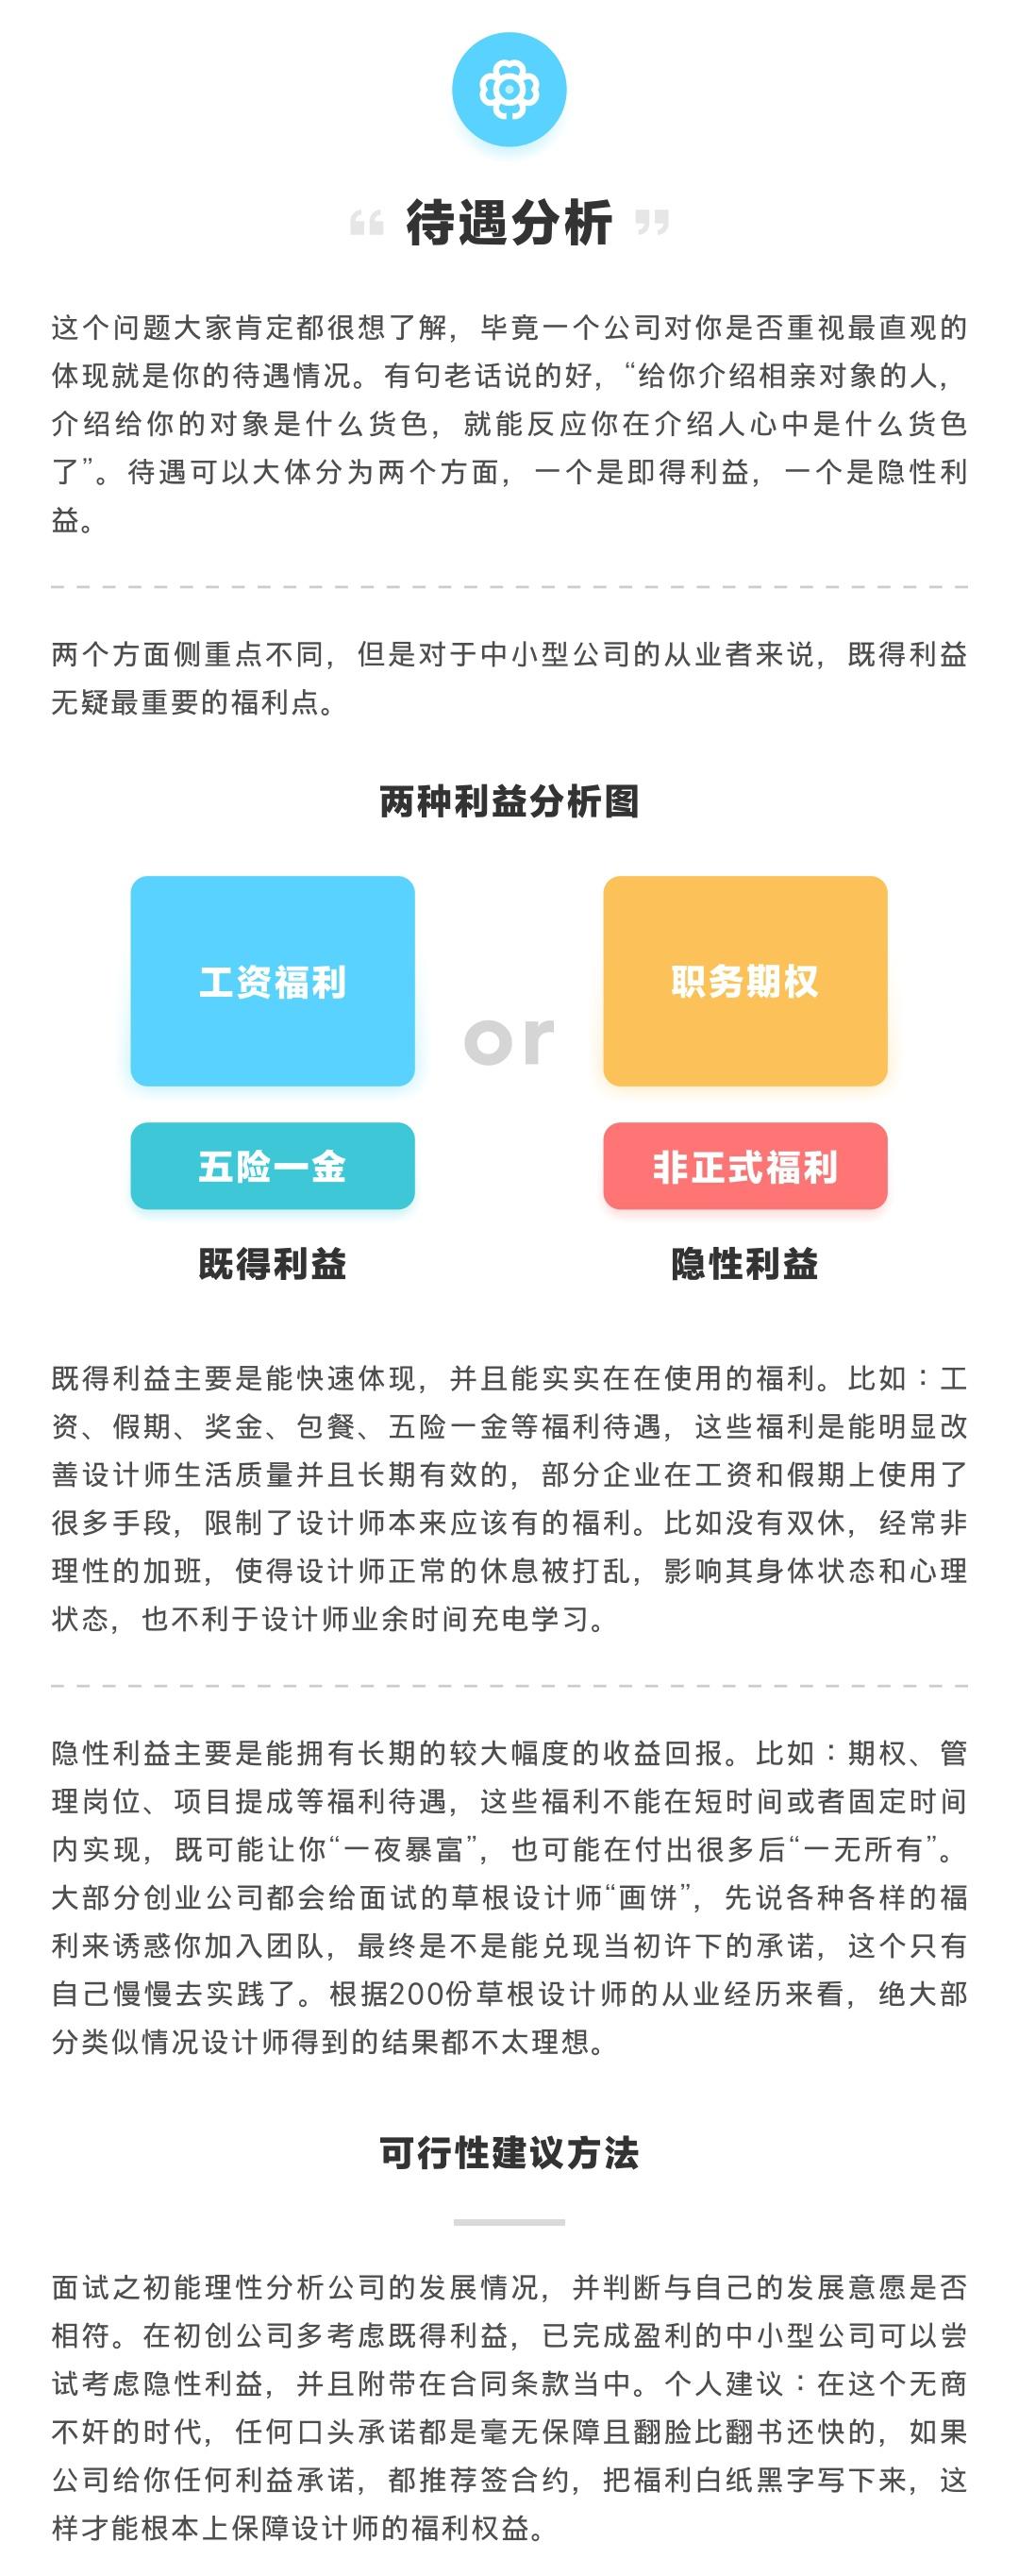 系列三部曲!中国式草根设计师的工作困境分析